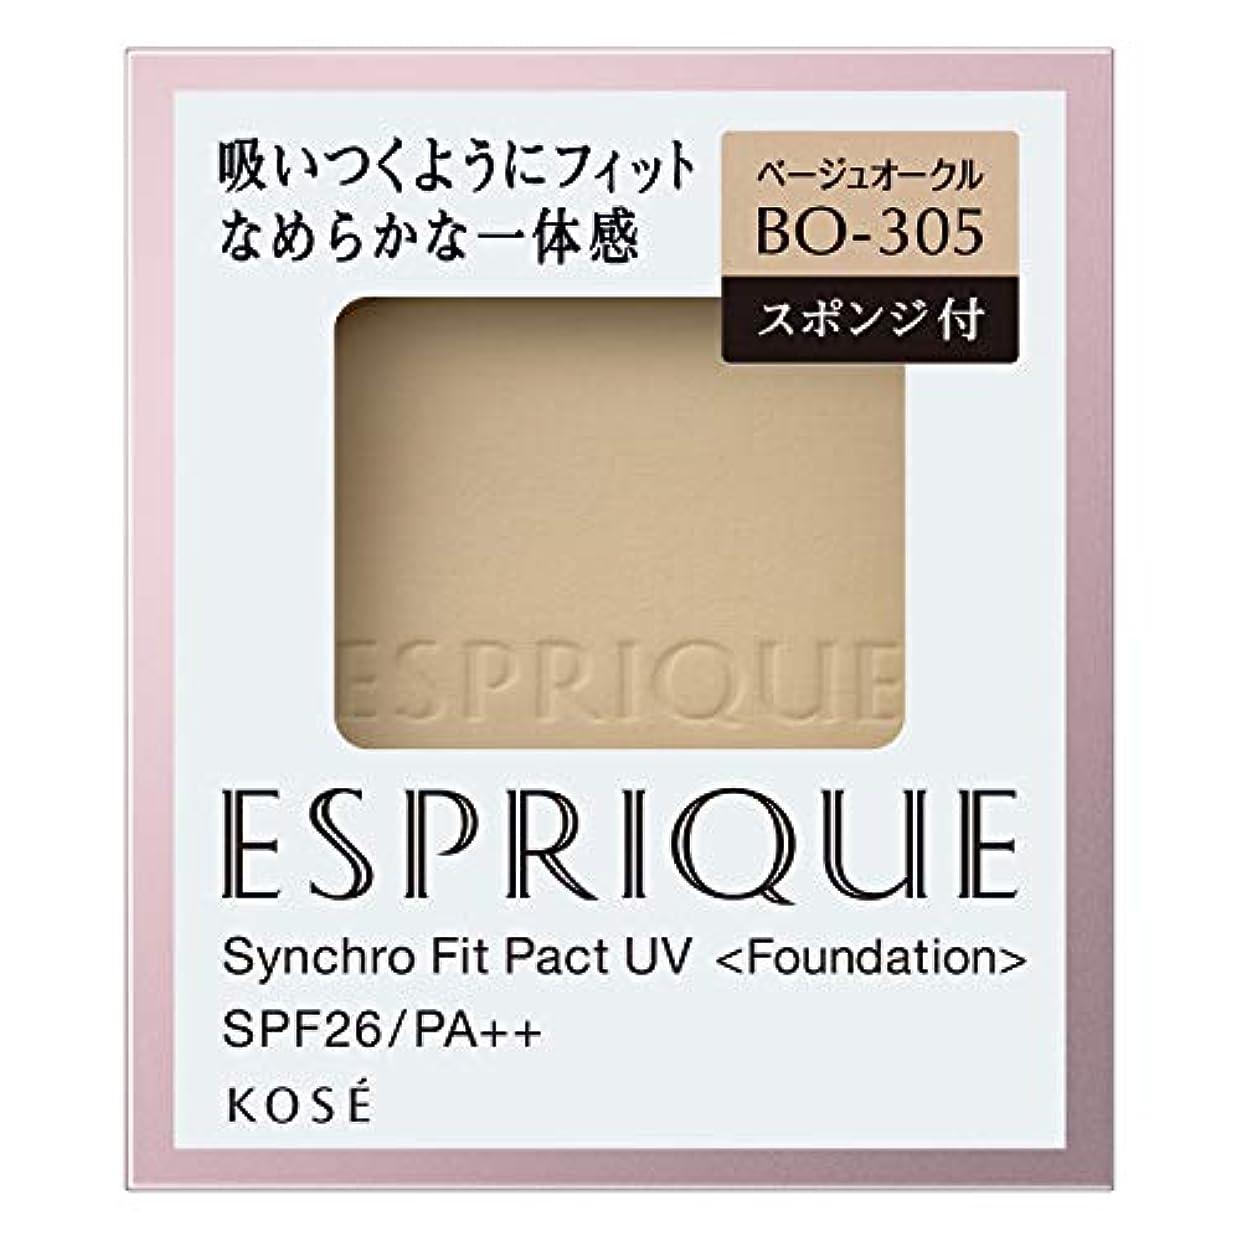 オール本質的に大胆なエスプリーク シンクロフィット パクト UV BO-305 ベージュオークル 9.3g